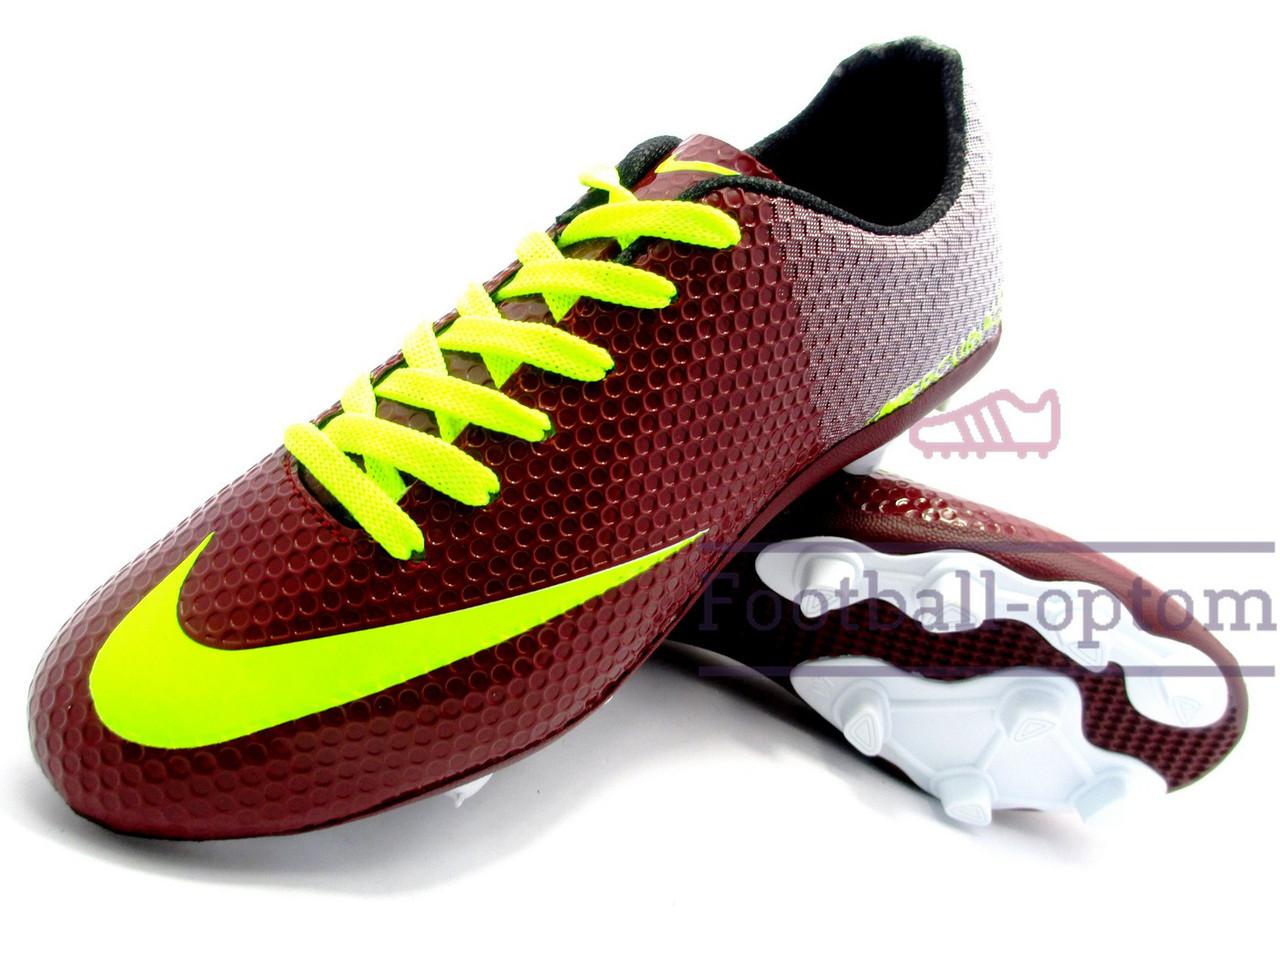 5a9ddcda Футбольные бутсы (копы) найк, Nike Mercurial Victory - Just Buy - Только  лучшие